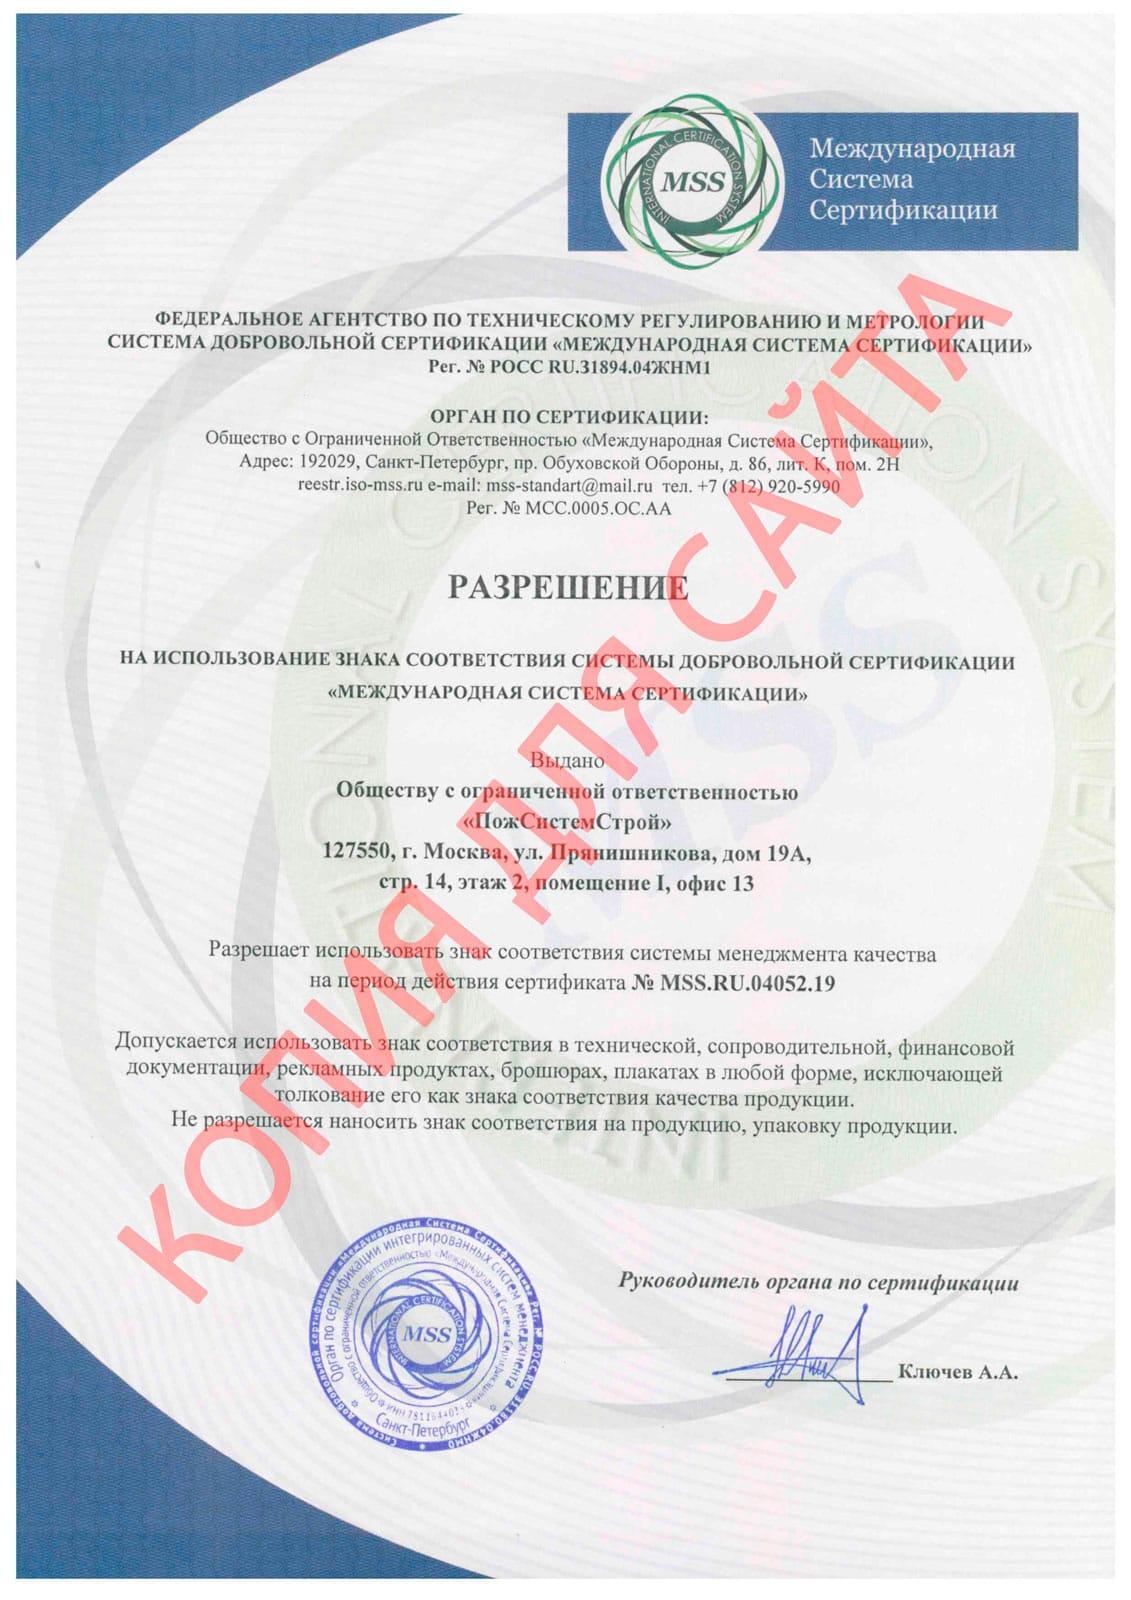 Сертификаты соответствия Часть 2